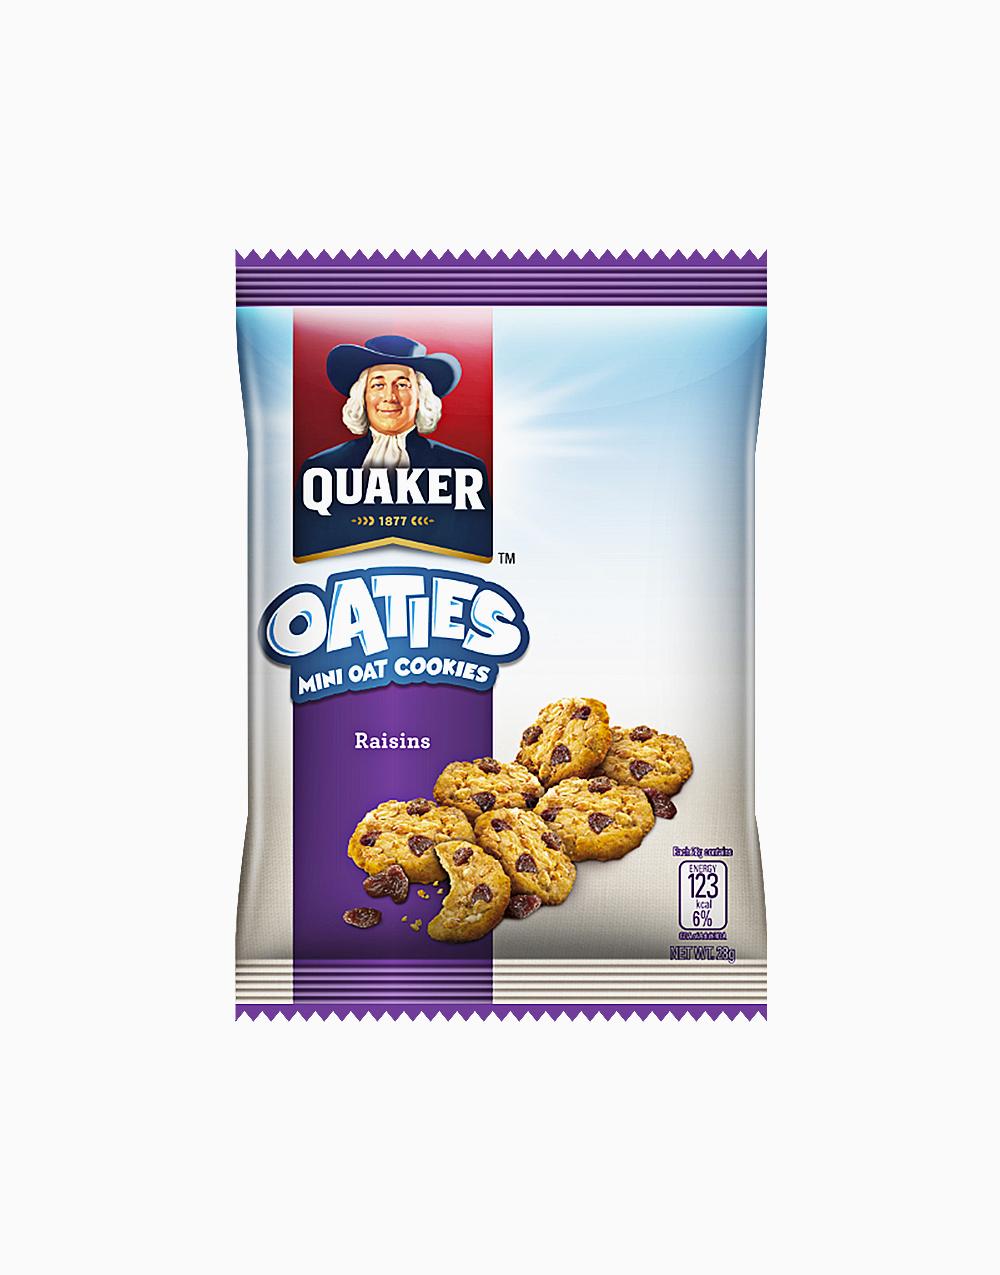 Oaties Raisins (28g) by Quaker